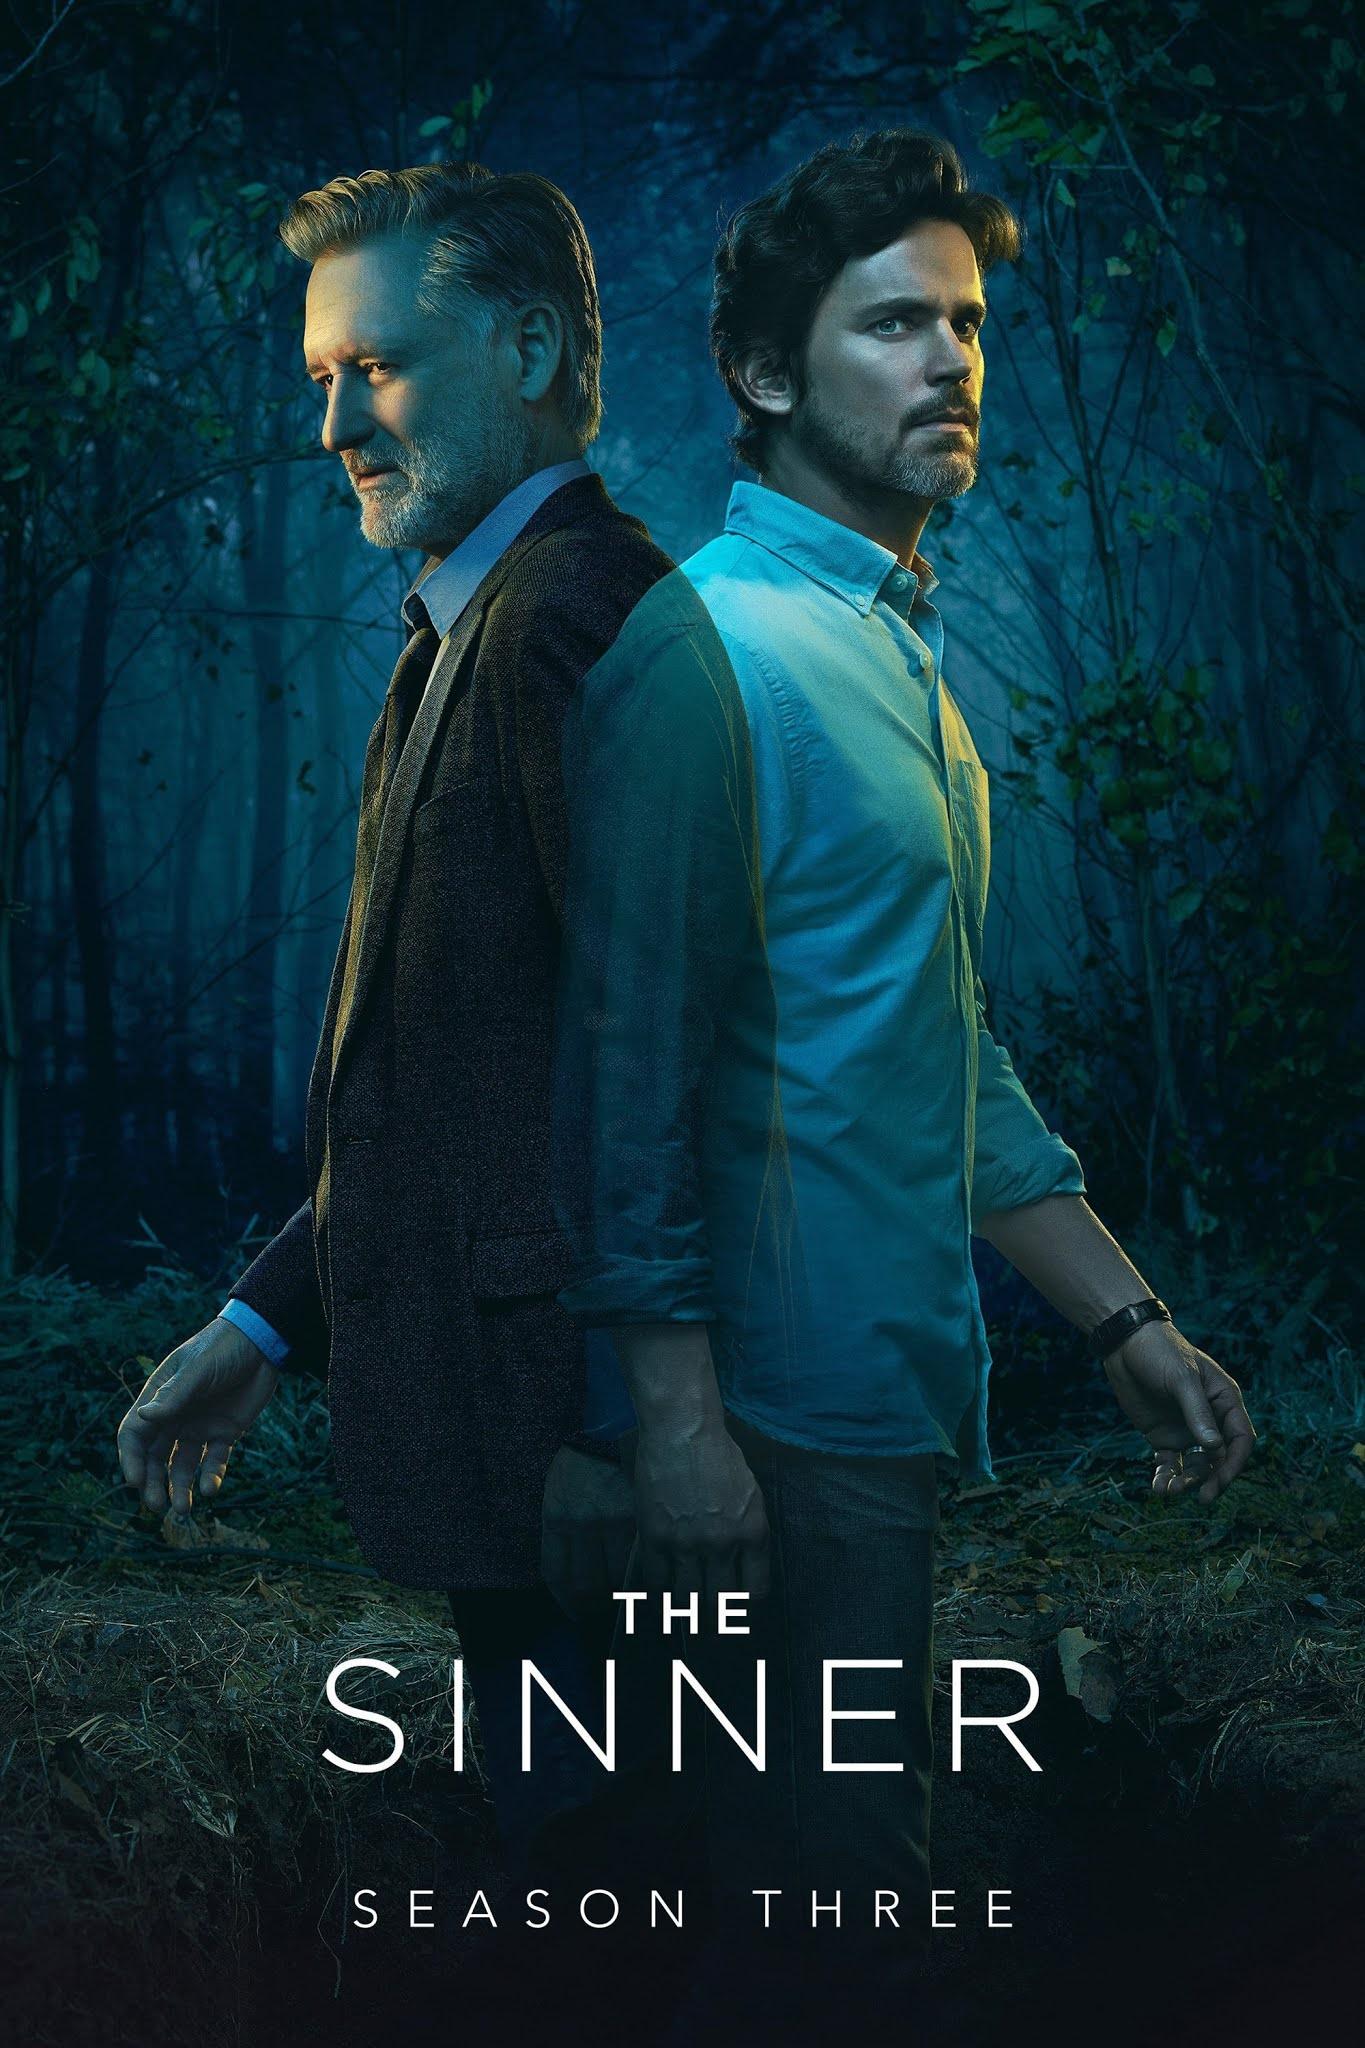 The sinner | Netflix